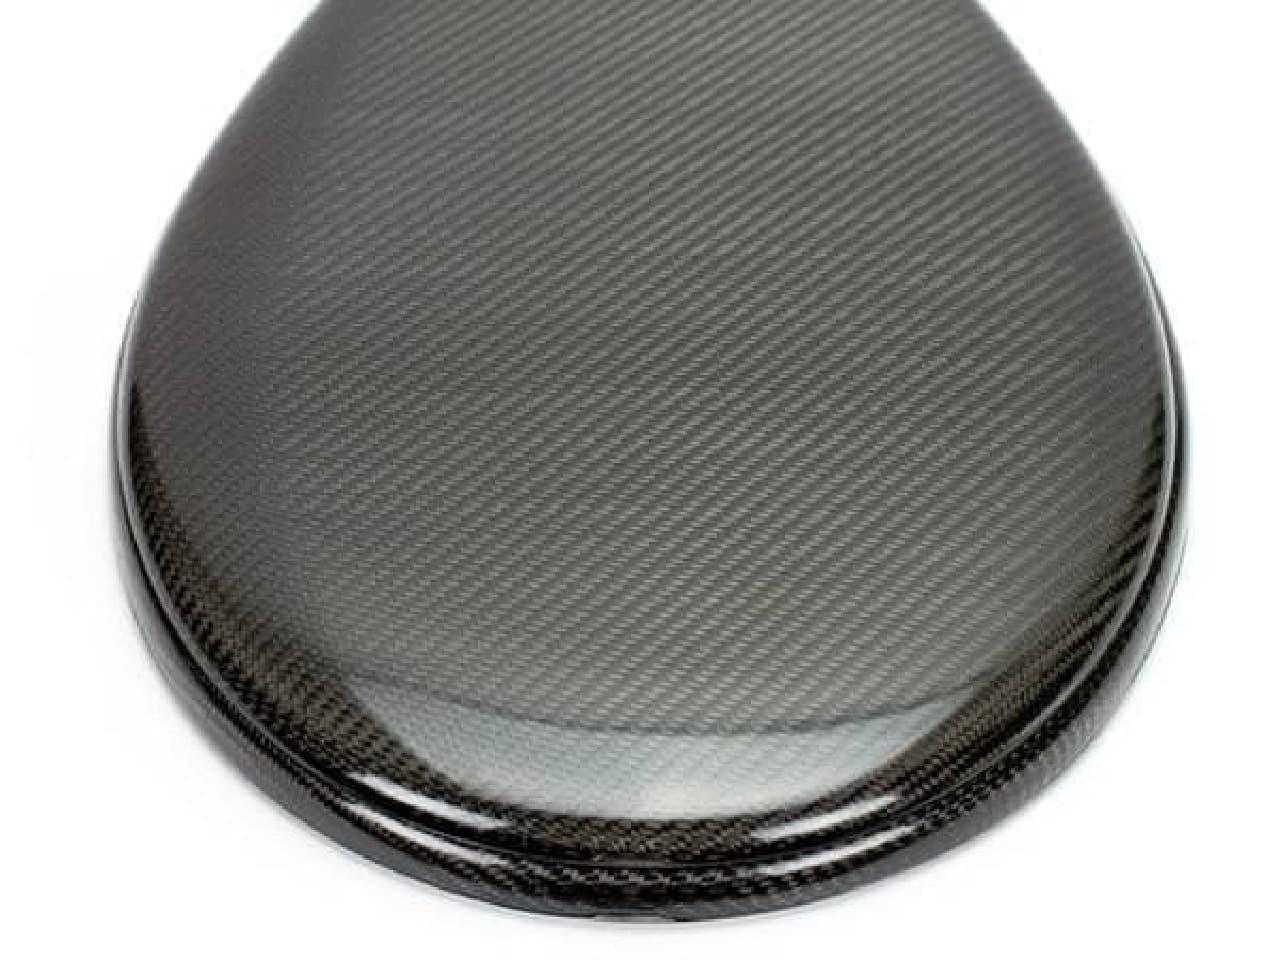 カーボンファイバー製の便座「CARBON FIBER TOILET SEAT」